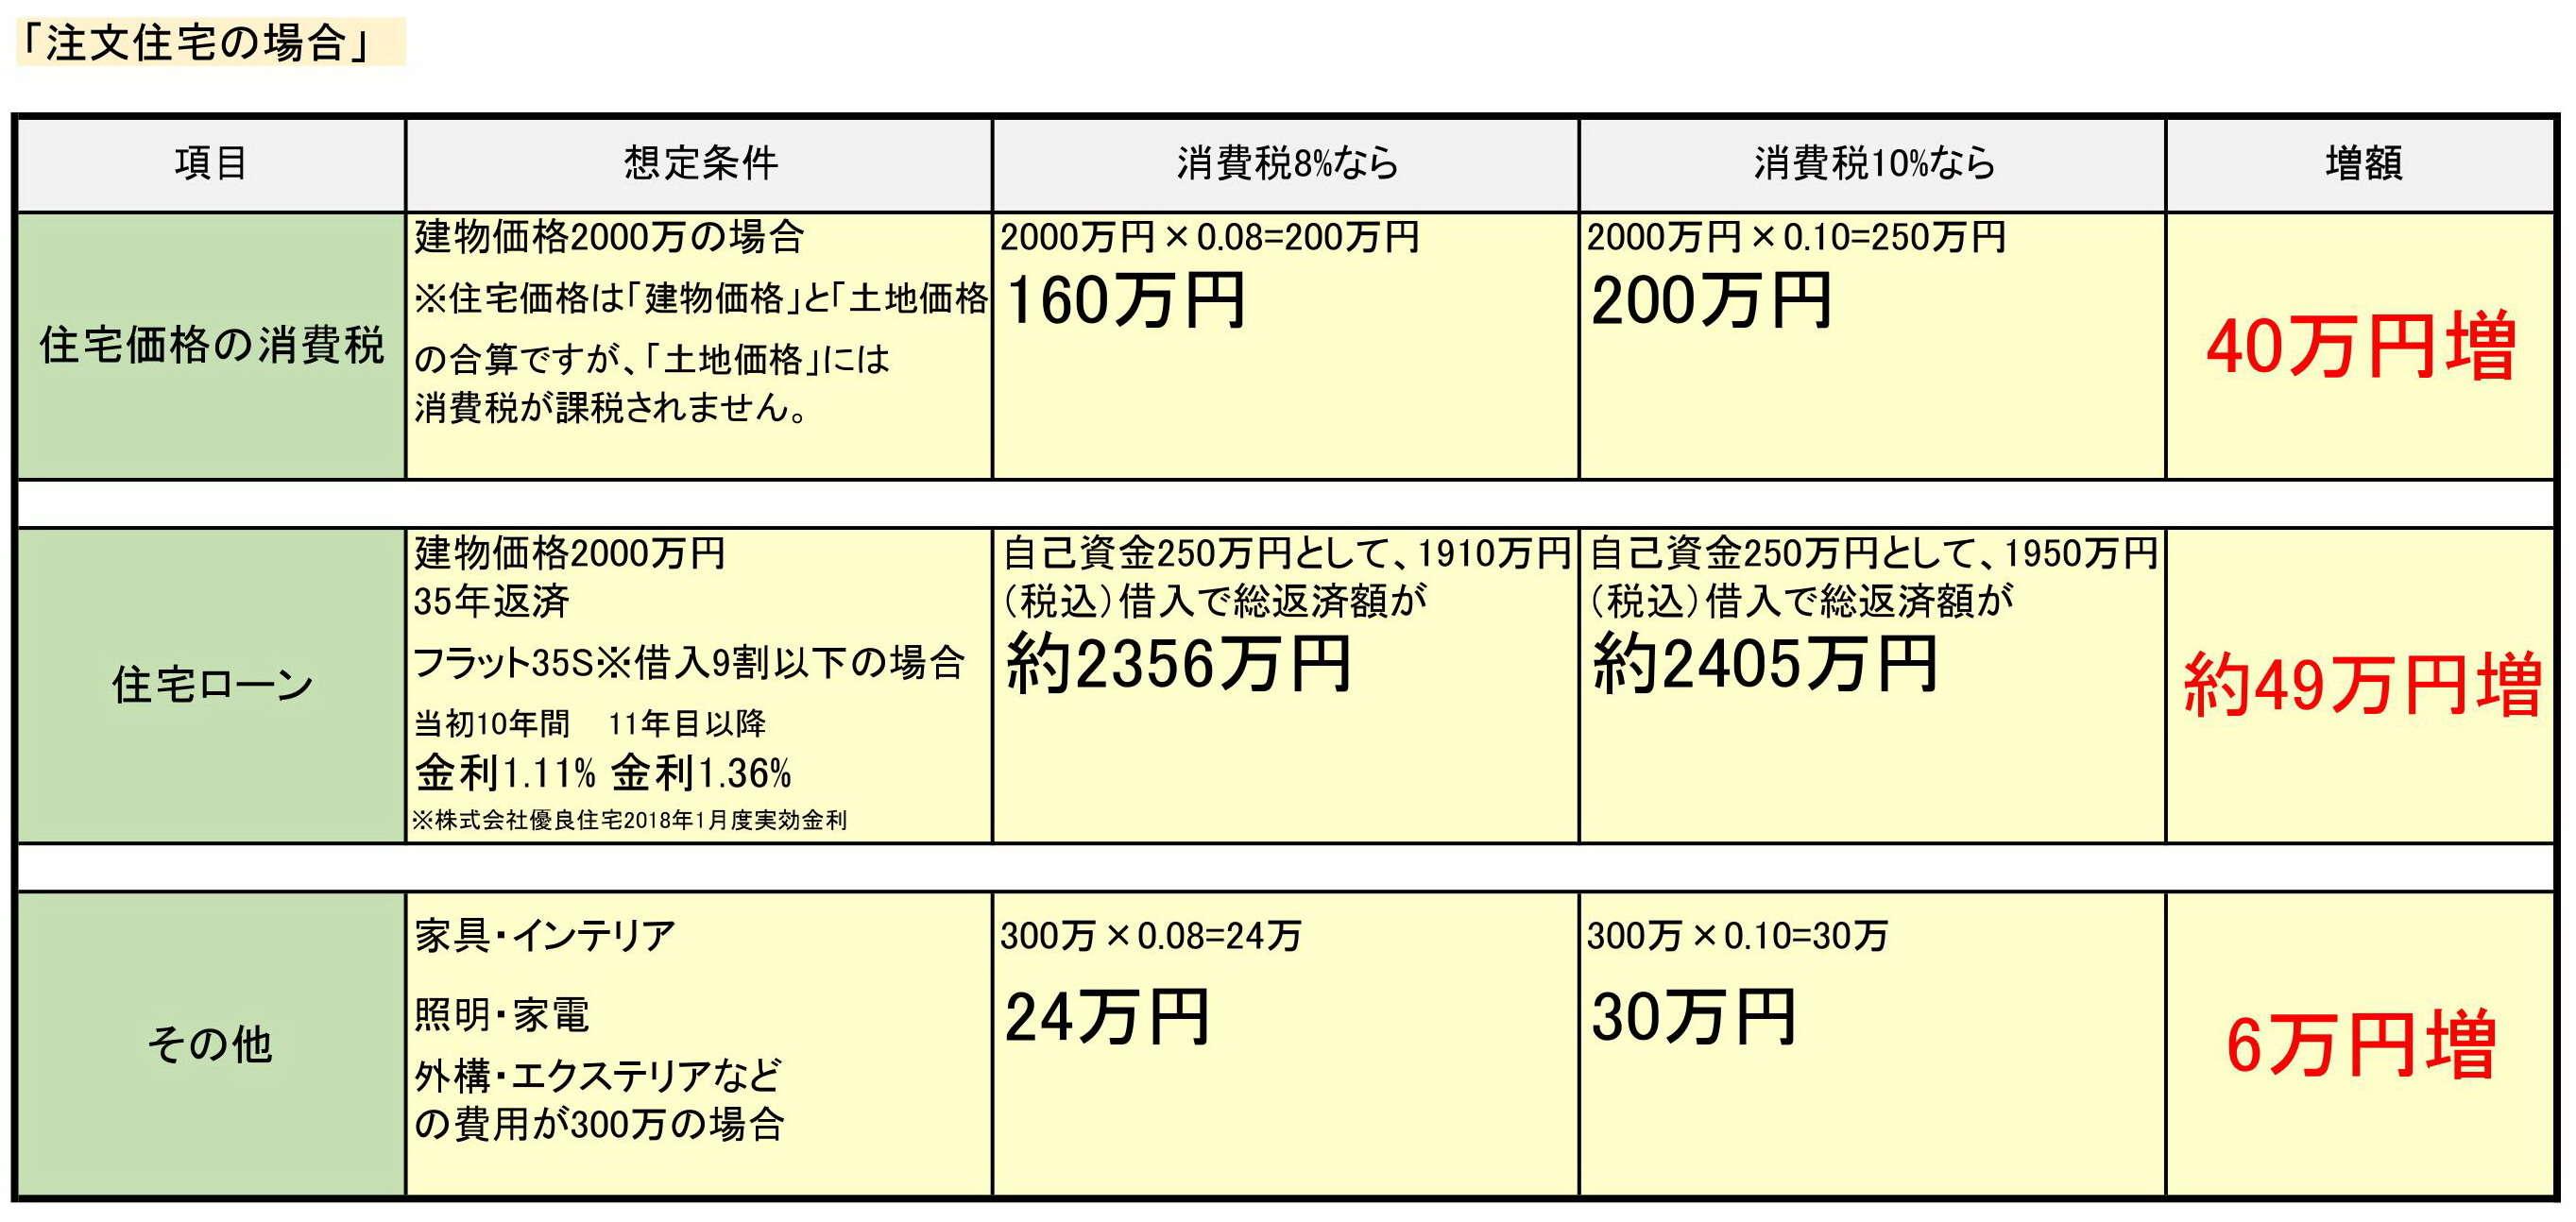 image 消費税10%増税の住宅購入への影響